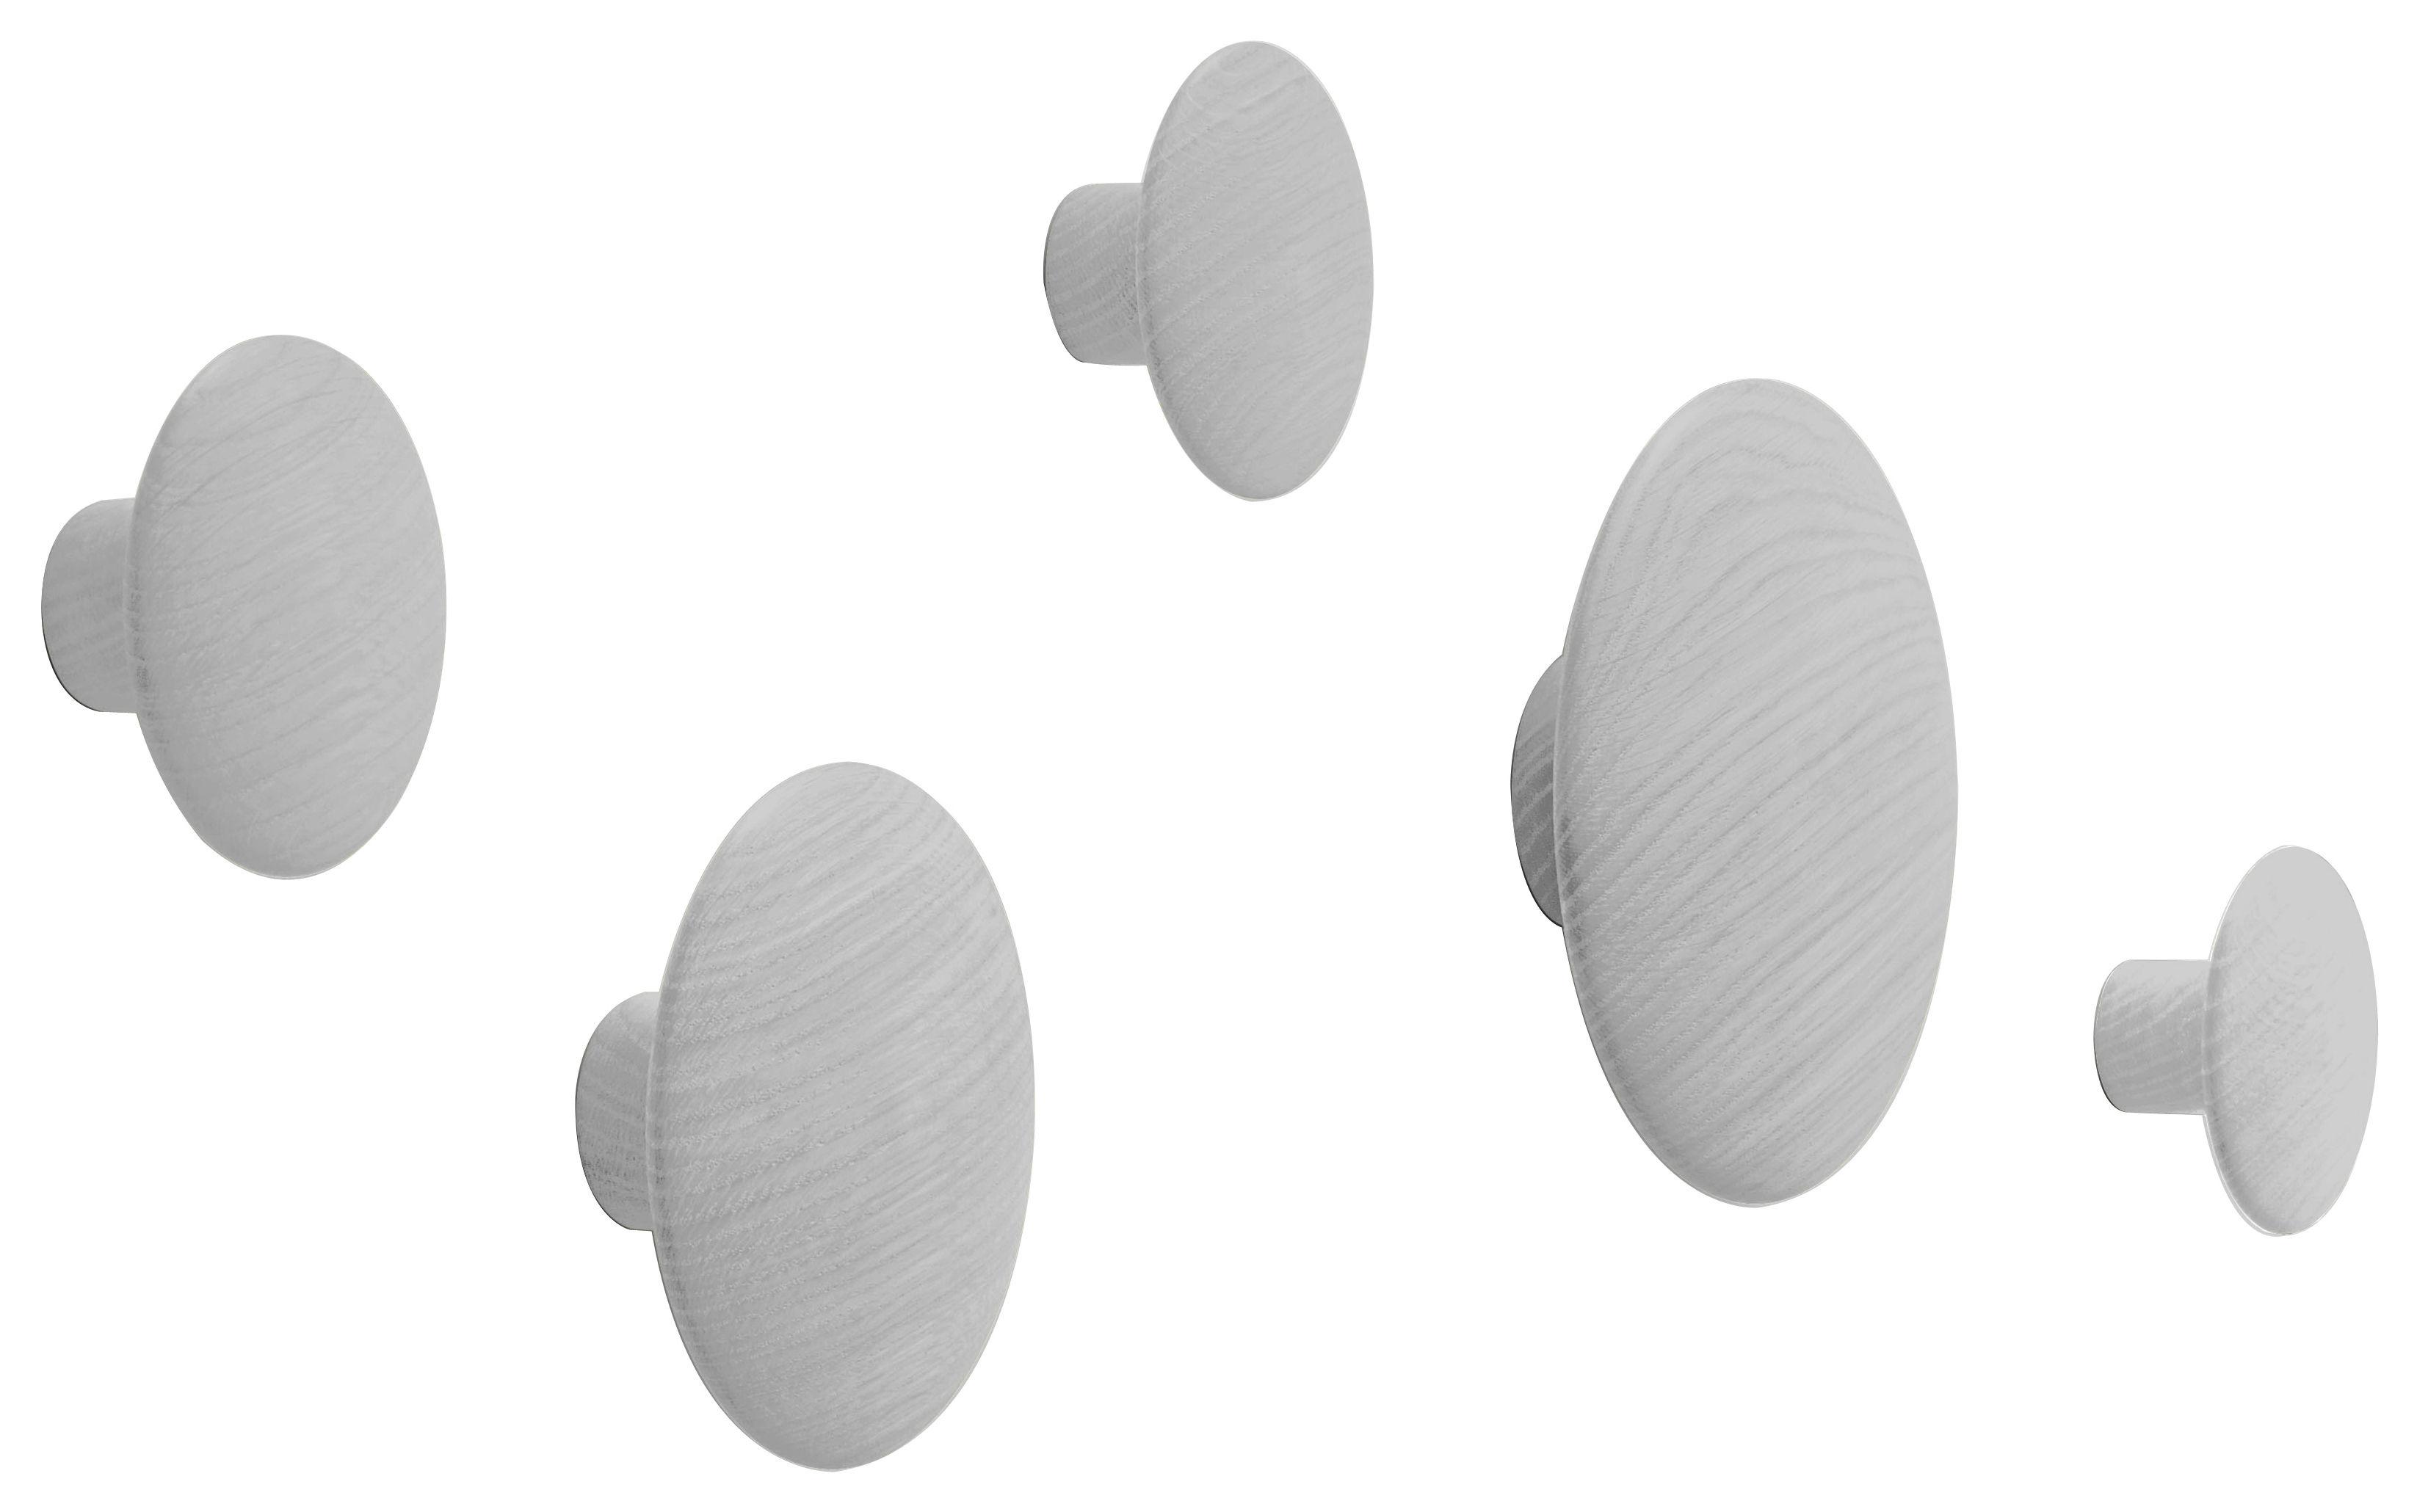 Möbel - Garderoben und Kleiderhaken - The Dot Wandhaken / 5er Set - Muuto - Grau - bemalte Esche